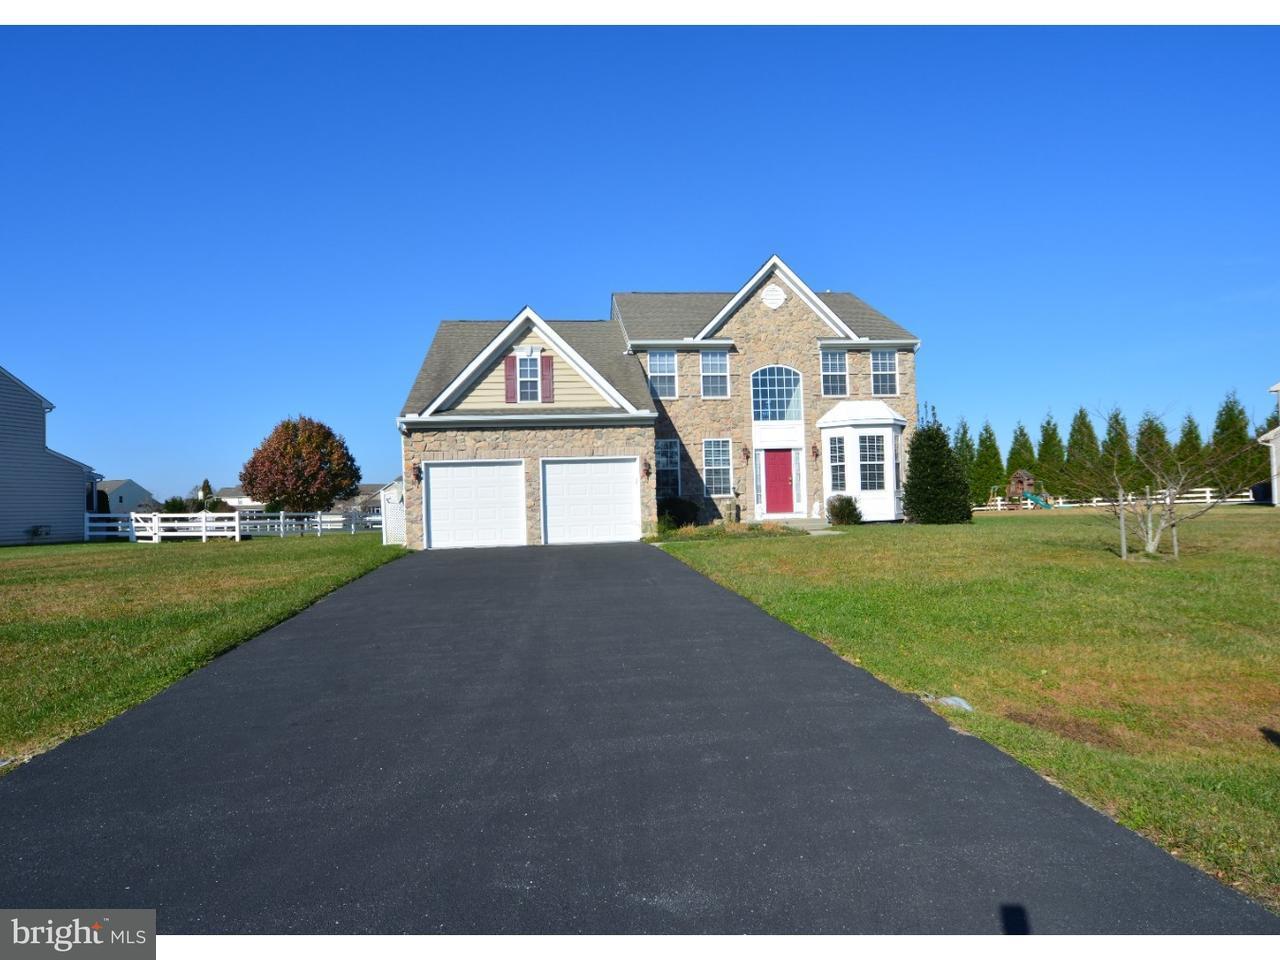 独户住宅 为 销售 在 24803 RIVERS EDGE Road 米尔斯伯勒, 特拉华州 19966 美国